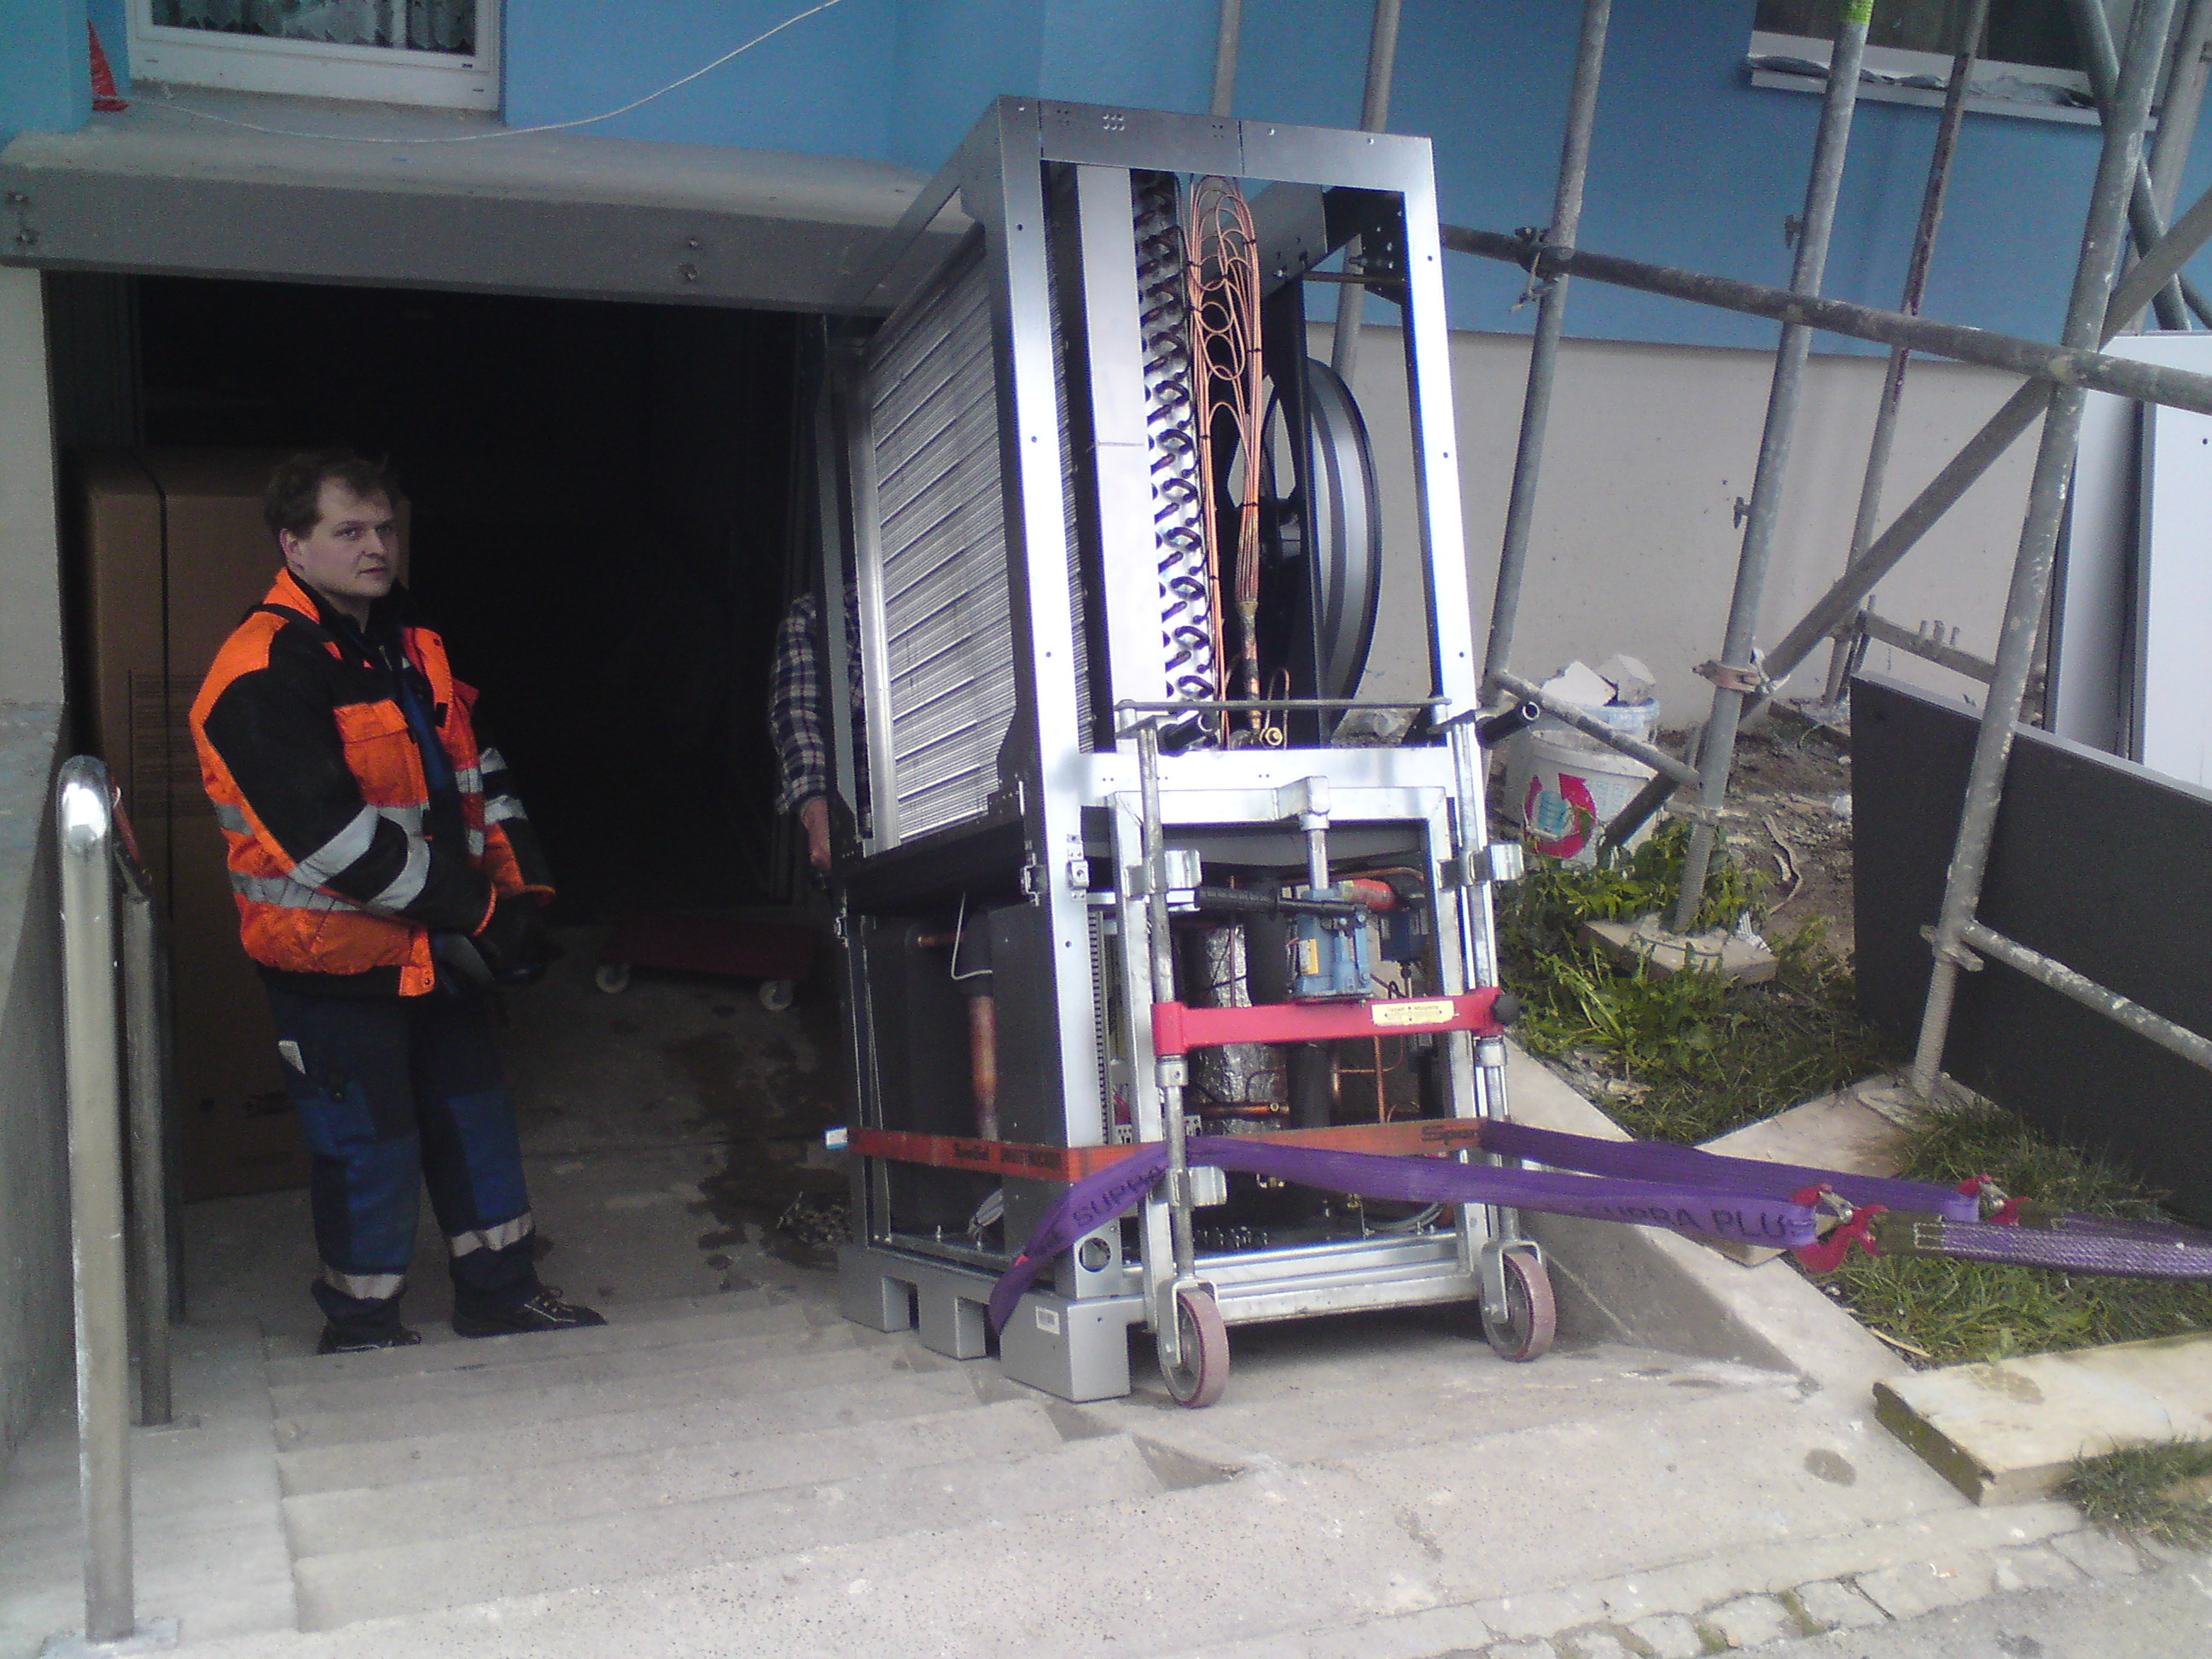 wärmepumpe-mit-Bimobil-in-Keller